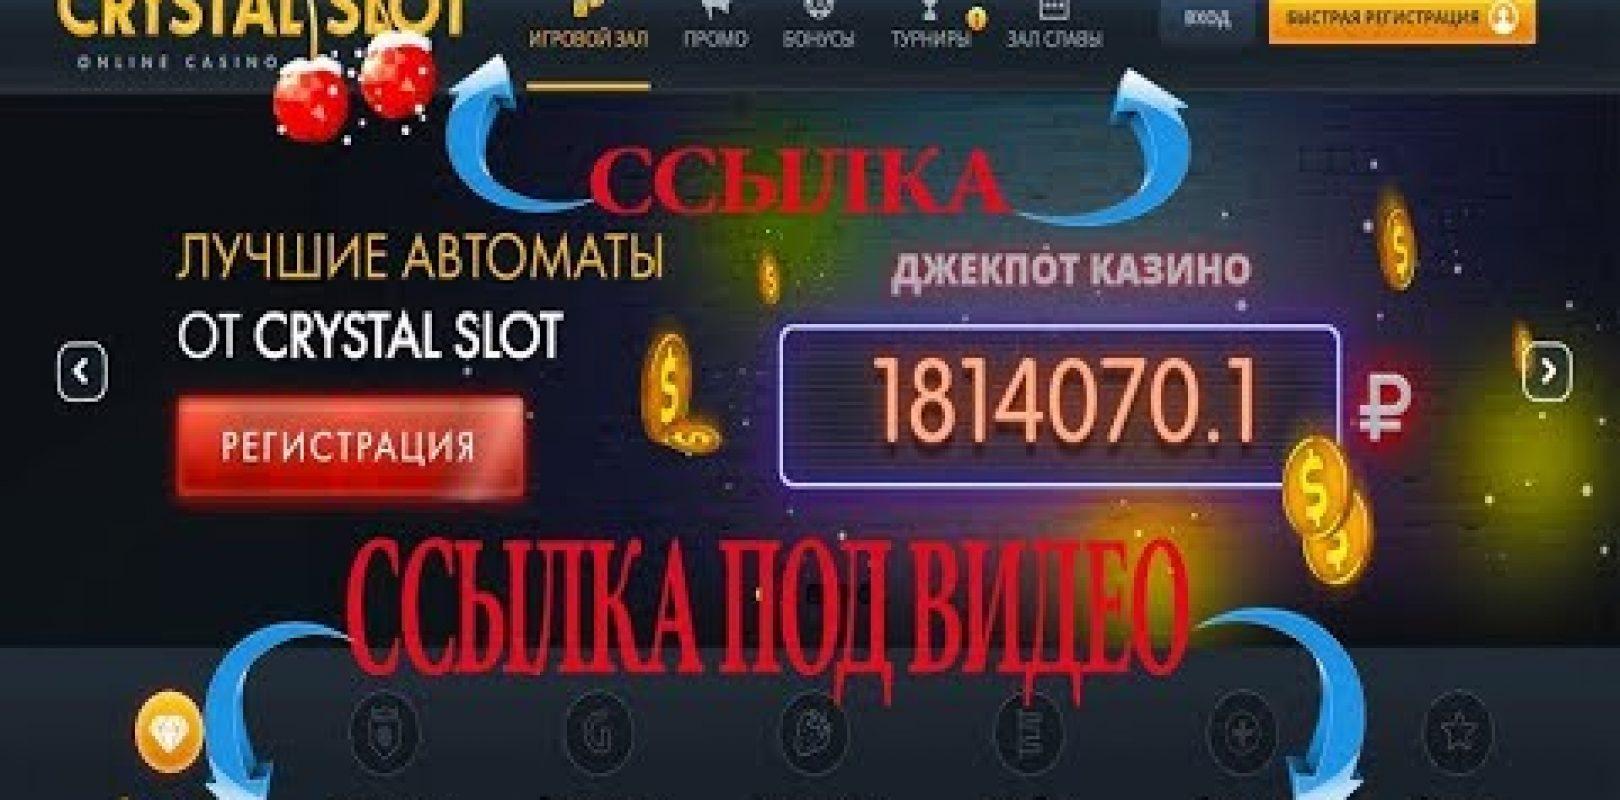 Игровые автоматы novomatic онлайн